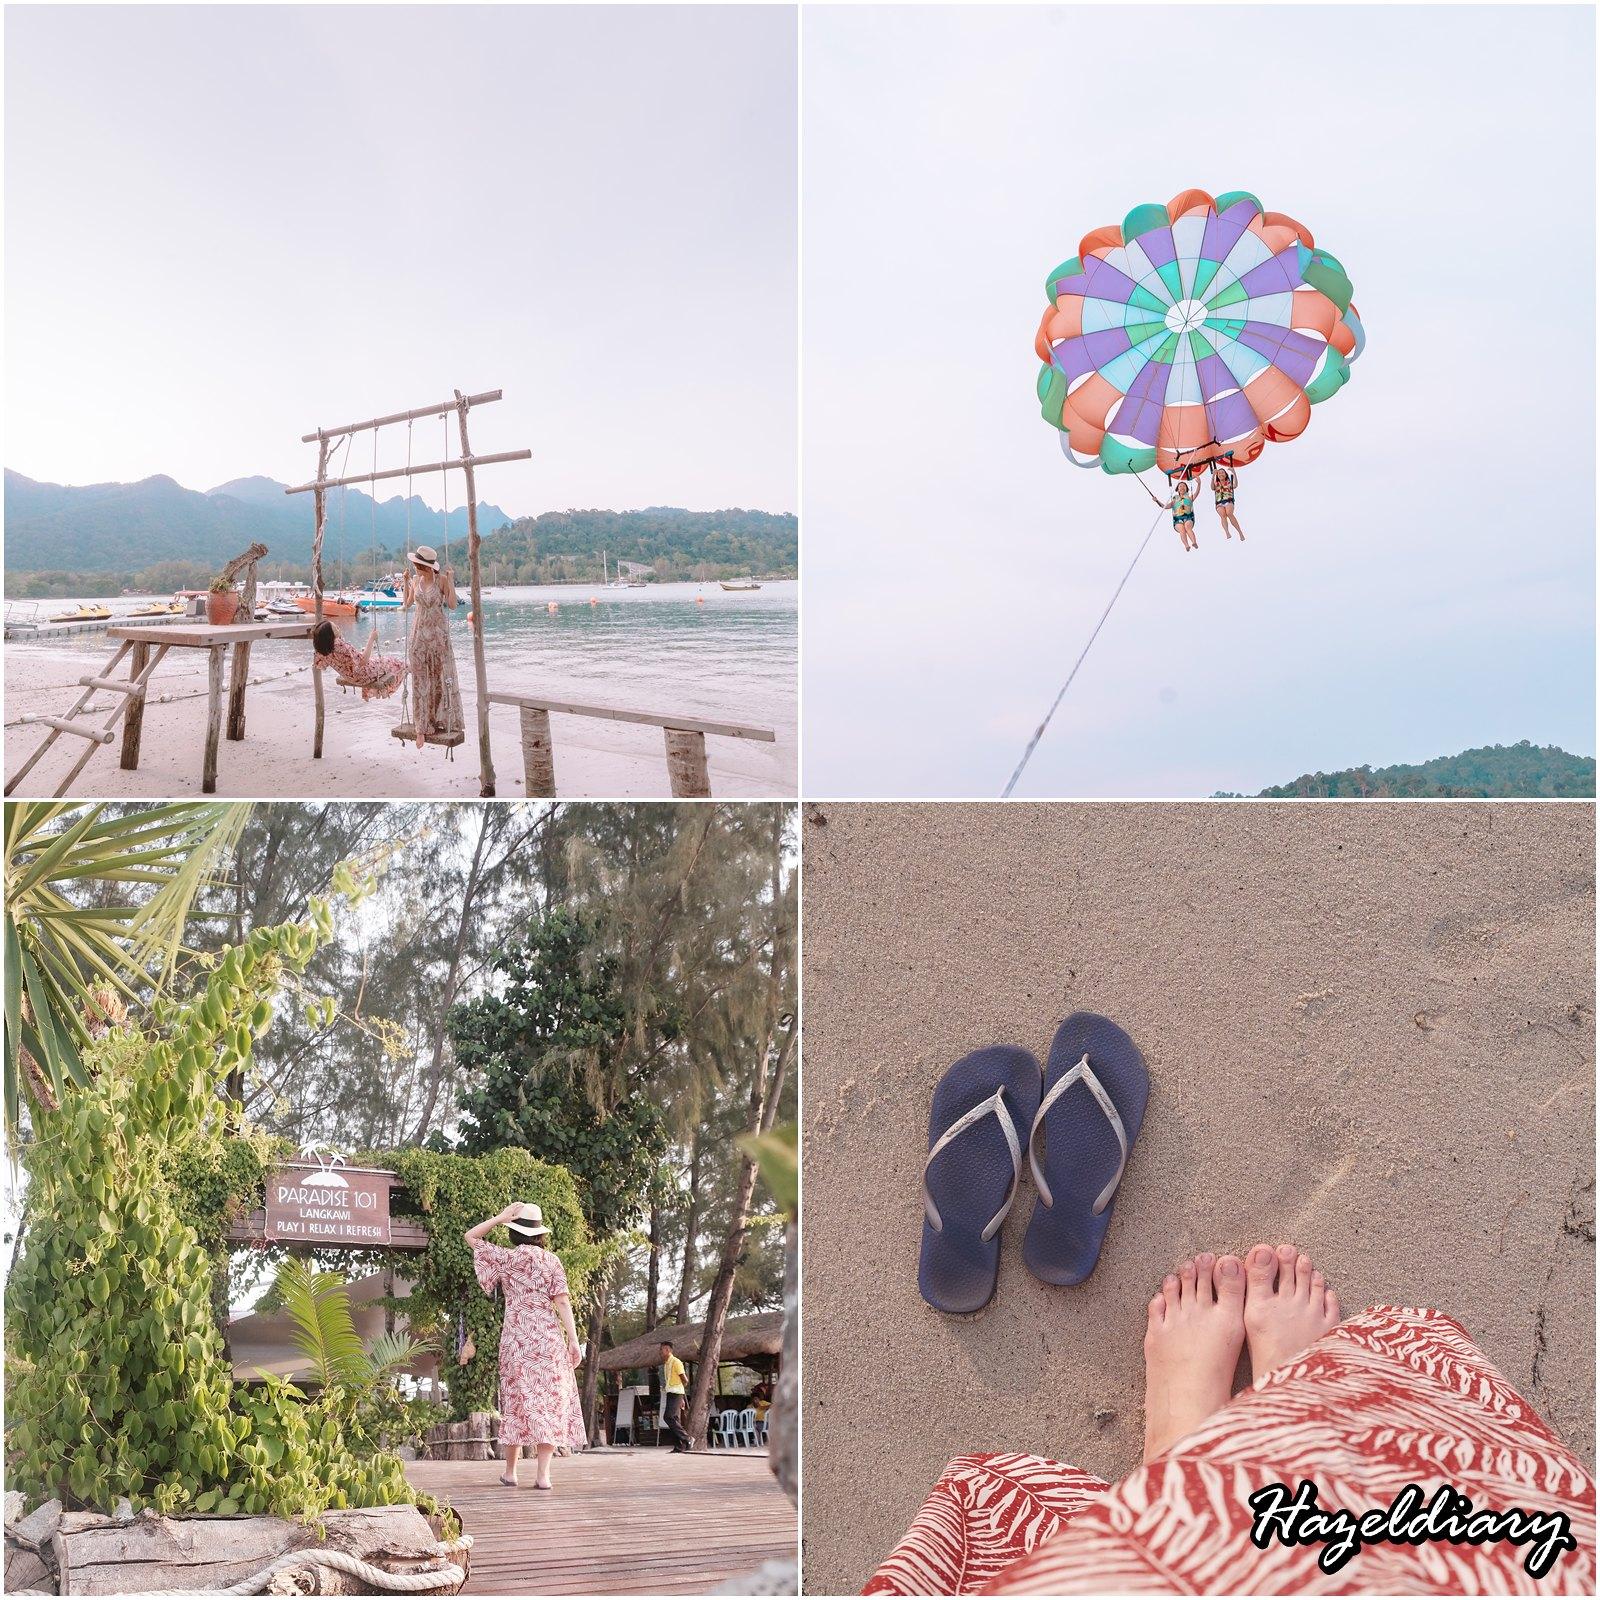 Paradise 101 Langkawi-Hazeldiary